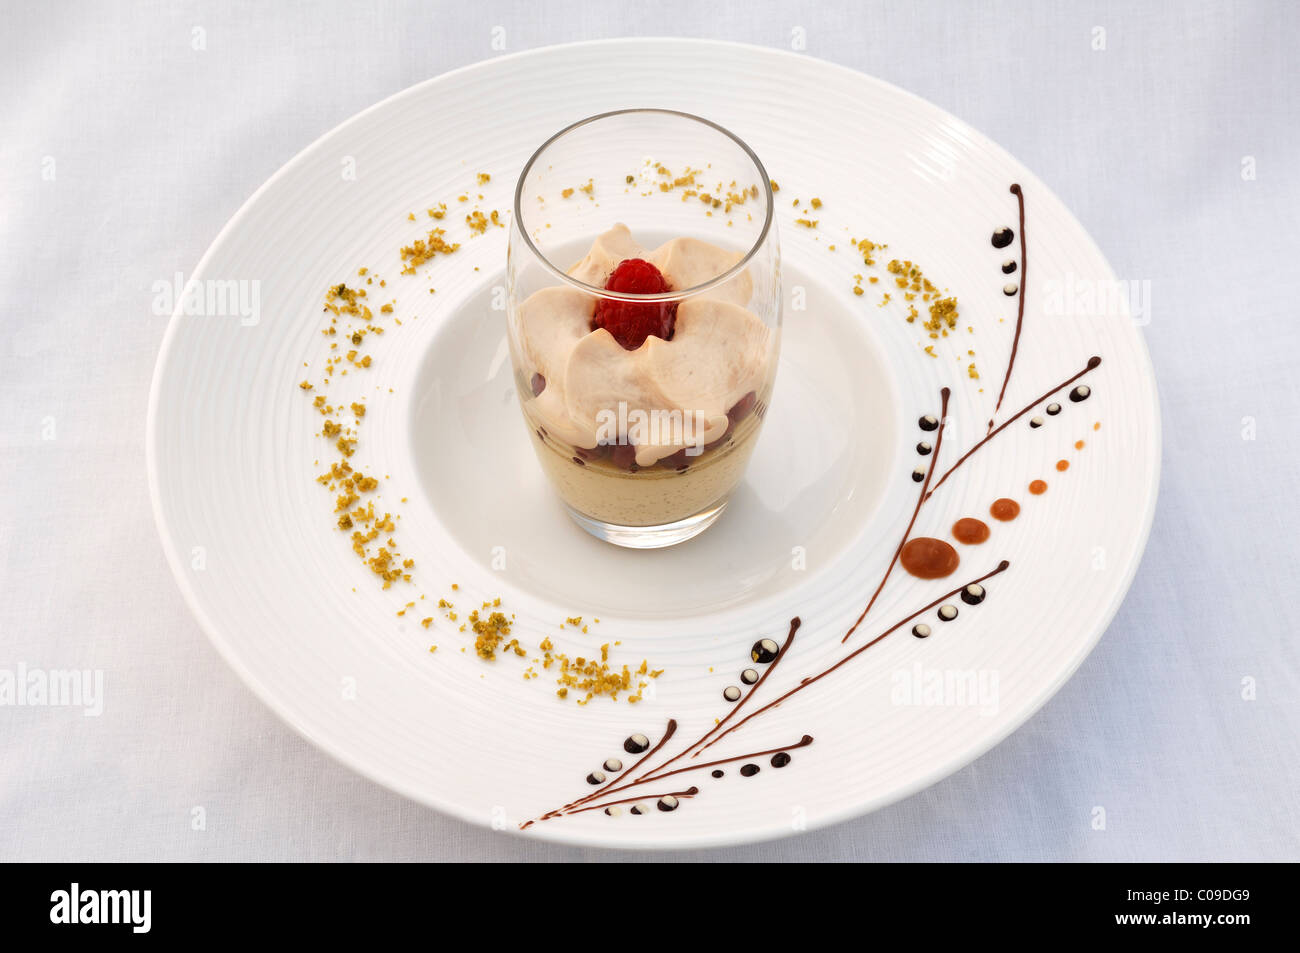 Dessert, latte macchiato mousse on a decorated plate, haute cuisine, Auberge de la Ferme Hueb, Mike Germershausen, - Stock Image